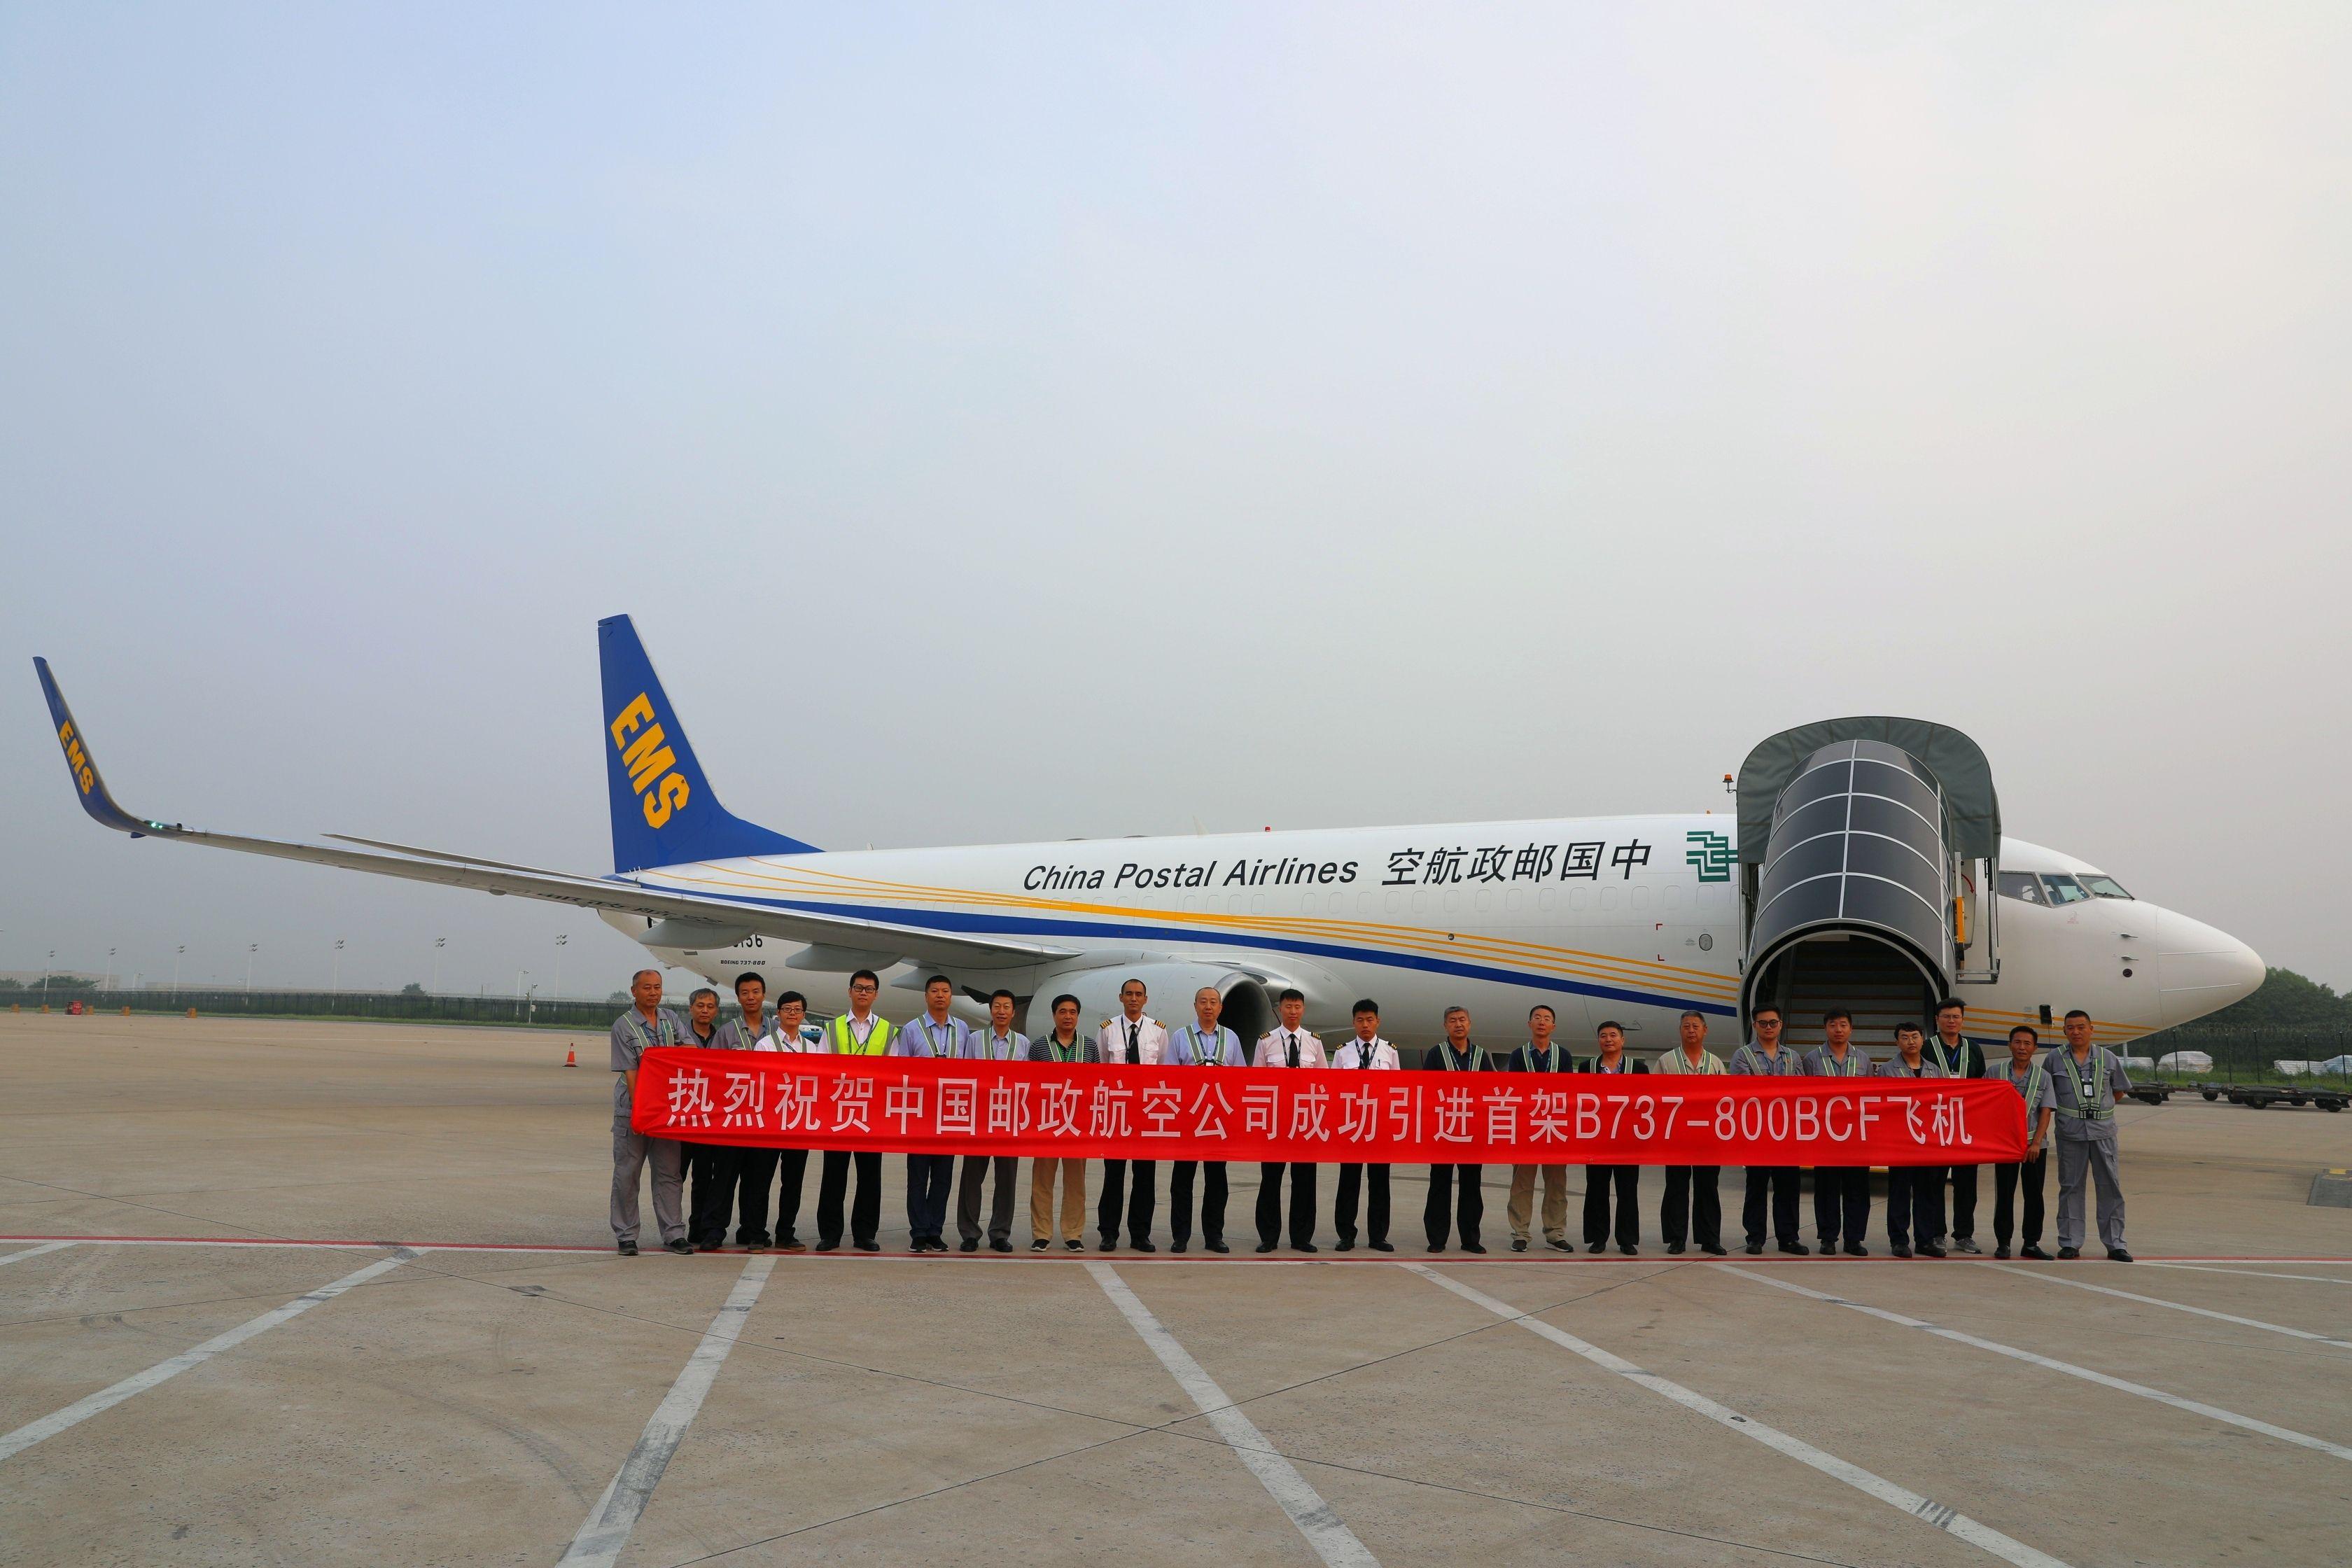 邮政航空首架B737-800F飞机投入运行